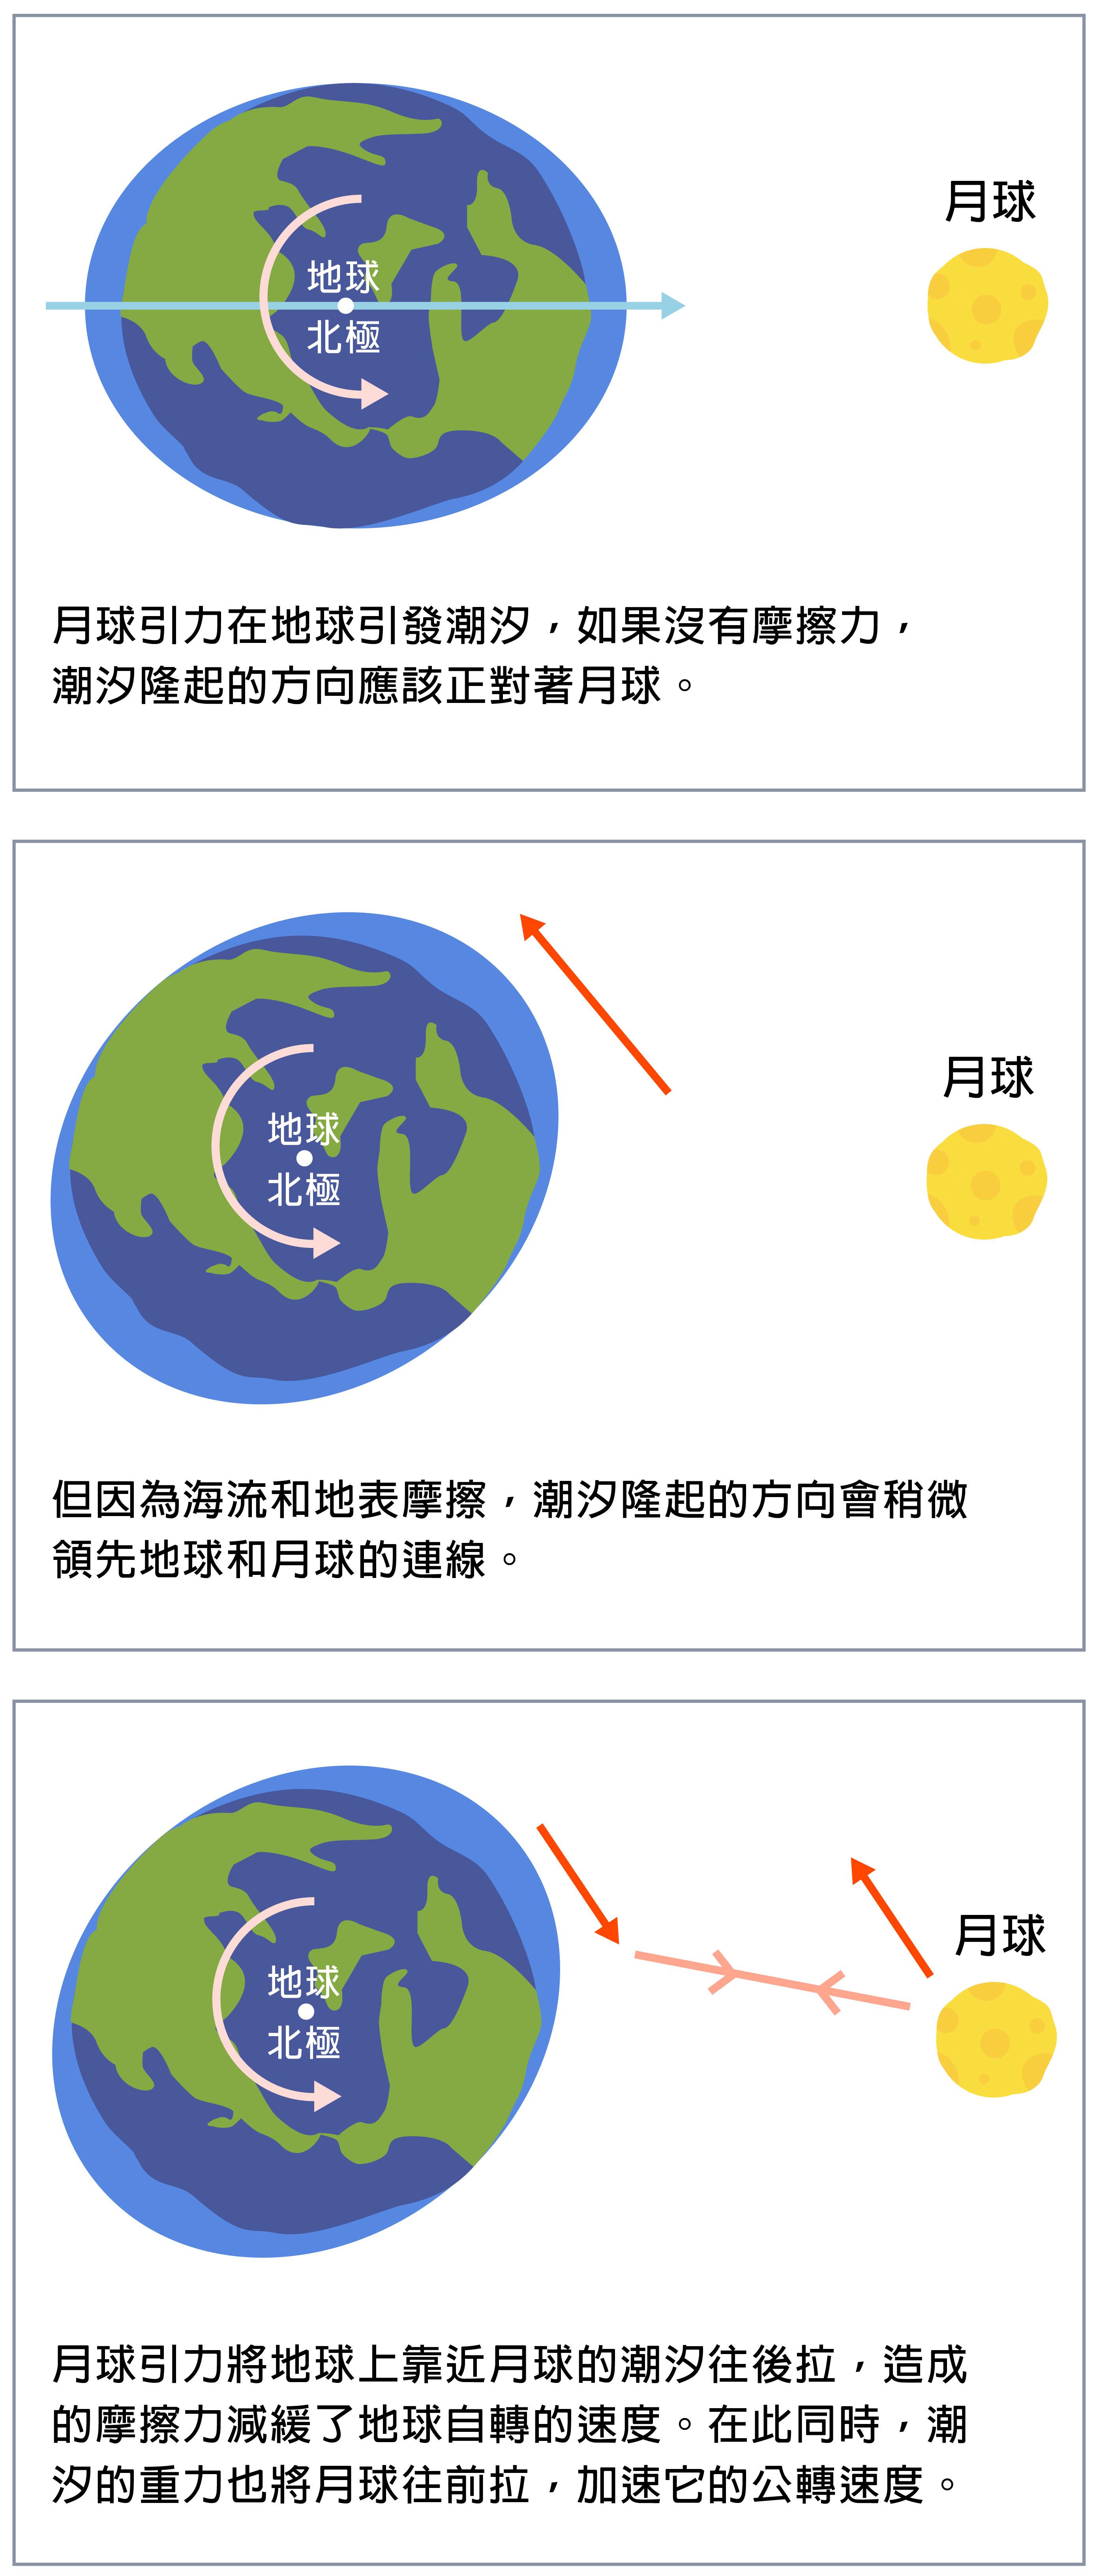 月球在地球引發潮汐,讓地球自轉越來越慢,地球消失的角動量則轉移到月球,增加月球公轉的速度。「為什麼不是增加月球自轉的速度?」因為地球對月球的潮汐力更強,造成月面如海水起伏摩擦,早就讓月球自轉「停擺」了,現在只能用同一面面對地球。資料來源 │趙丰 圖片重製 │林洵安